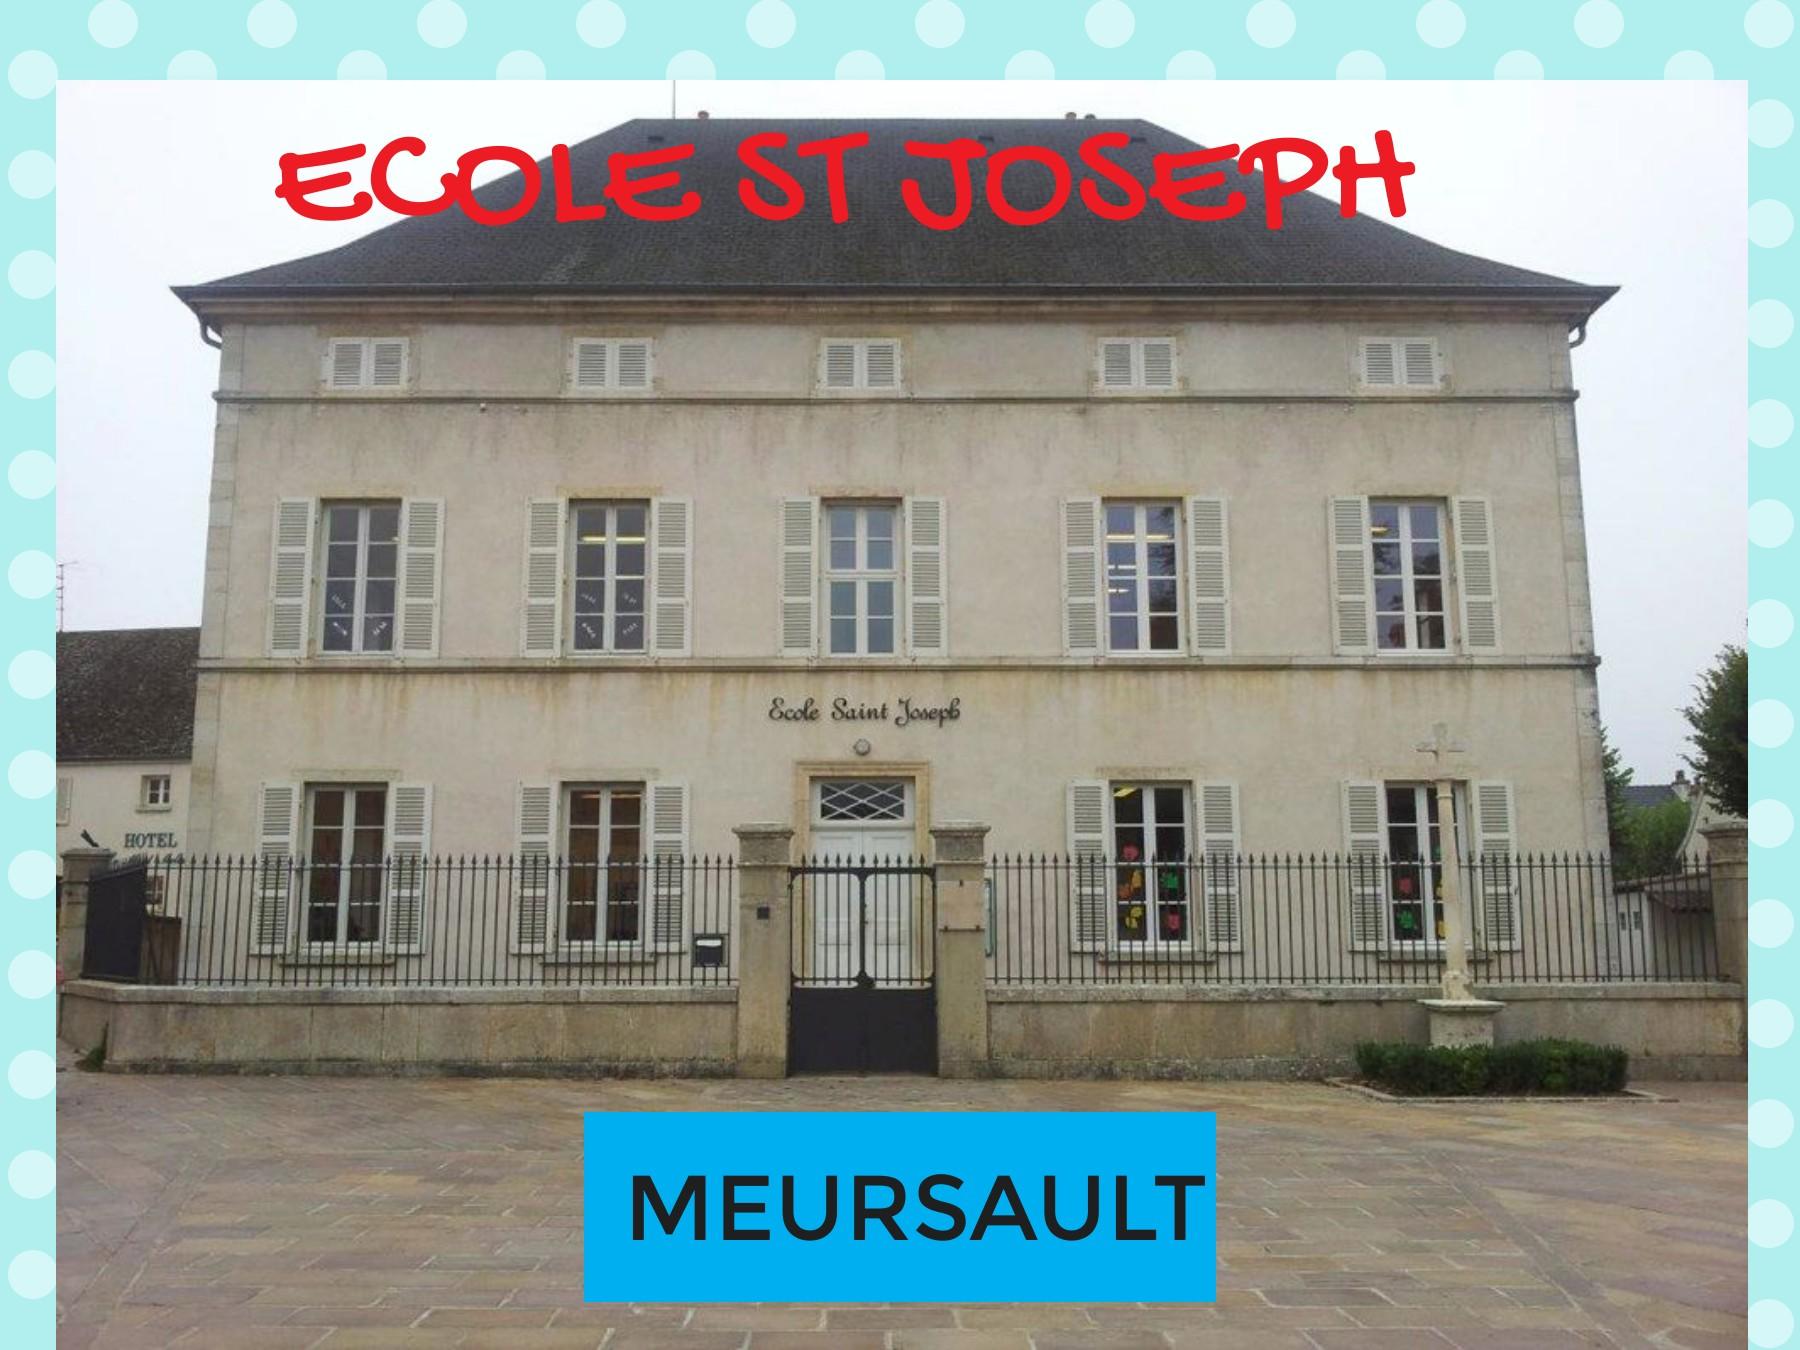 St Joseph, Meursault